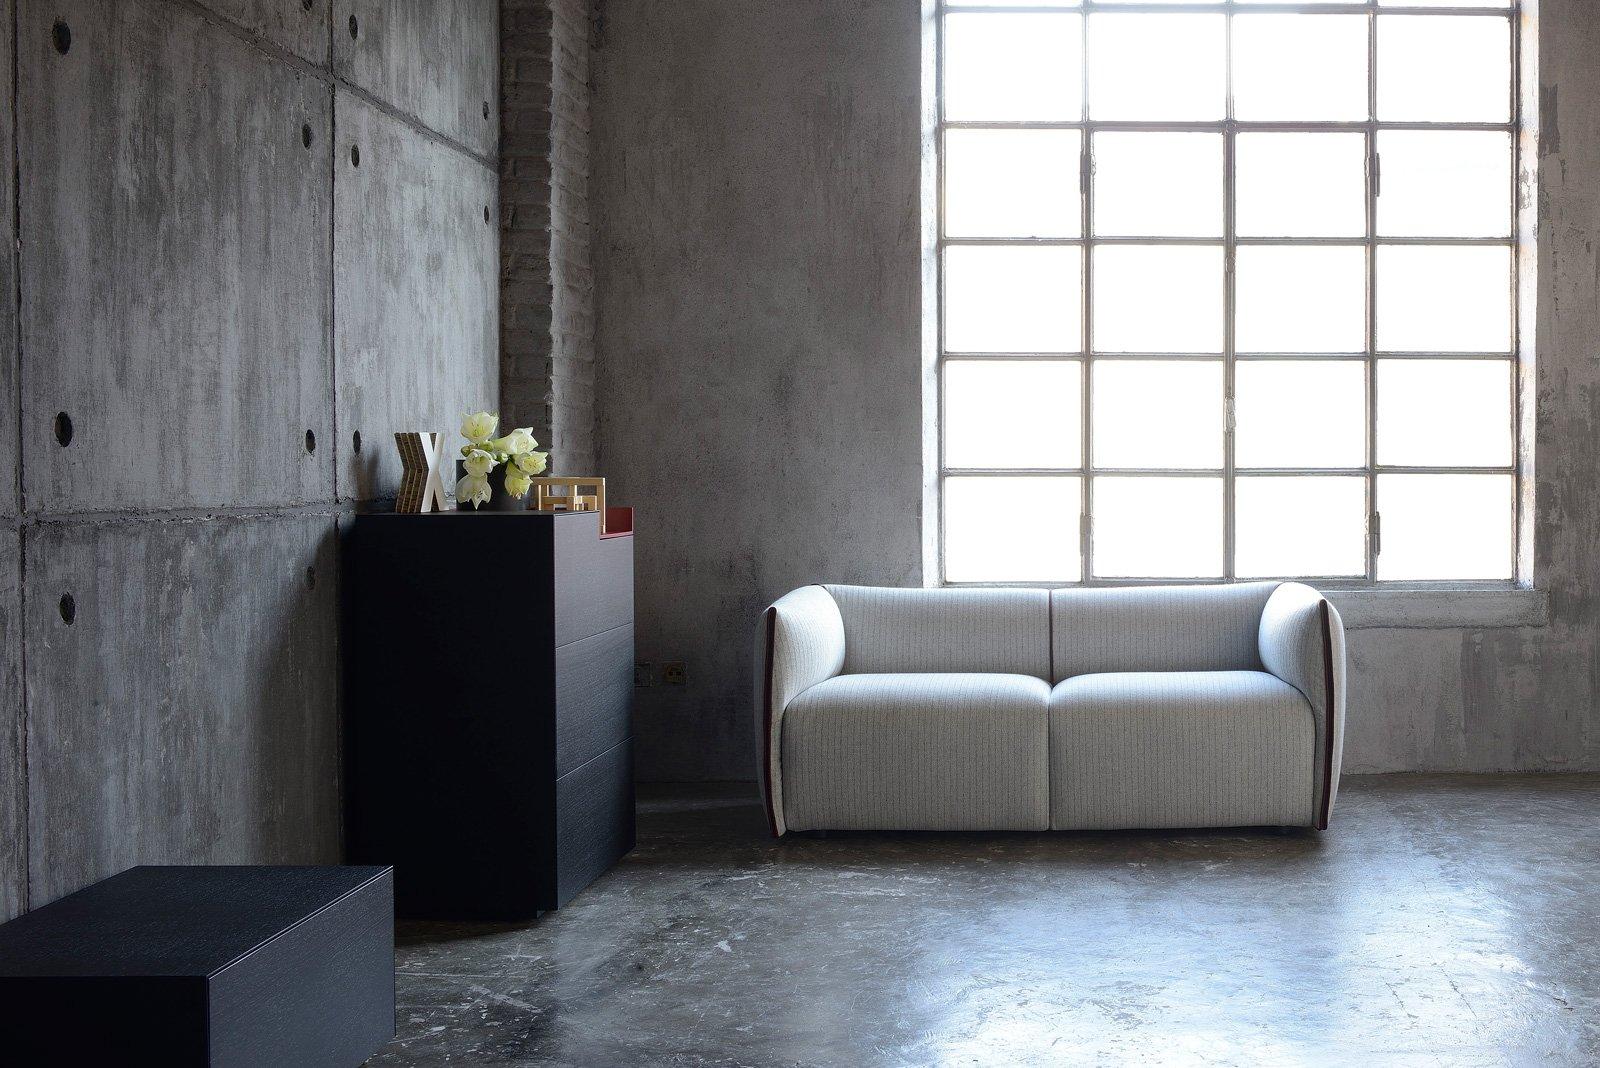 Divani piccoli a due o tre posti design per il relax for Divani design italia